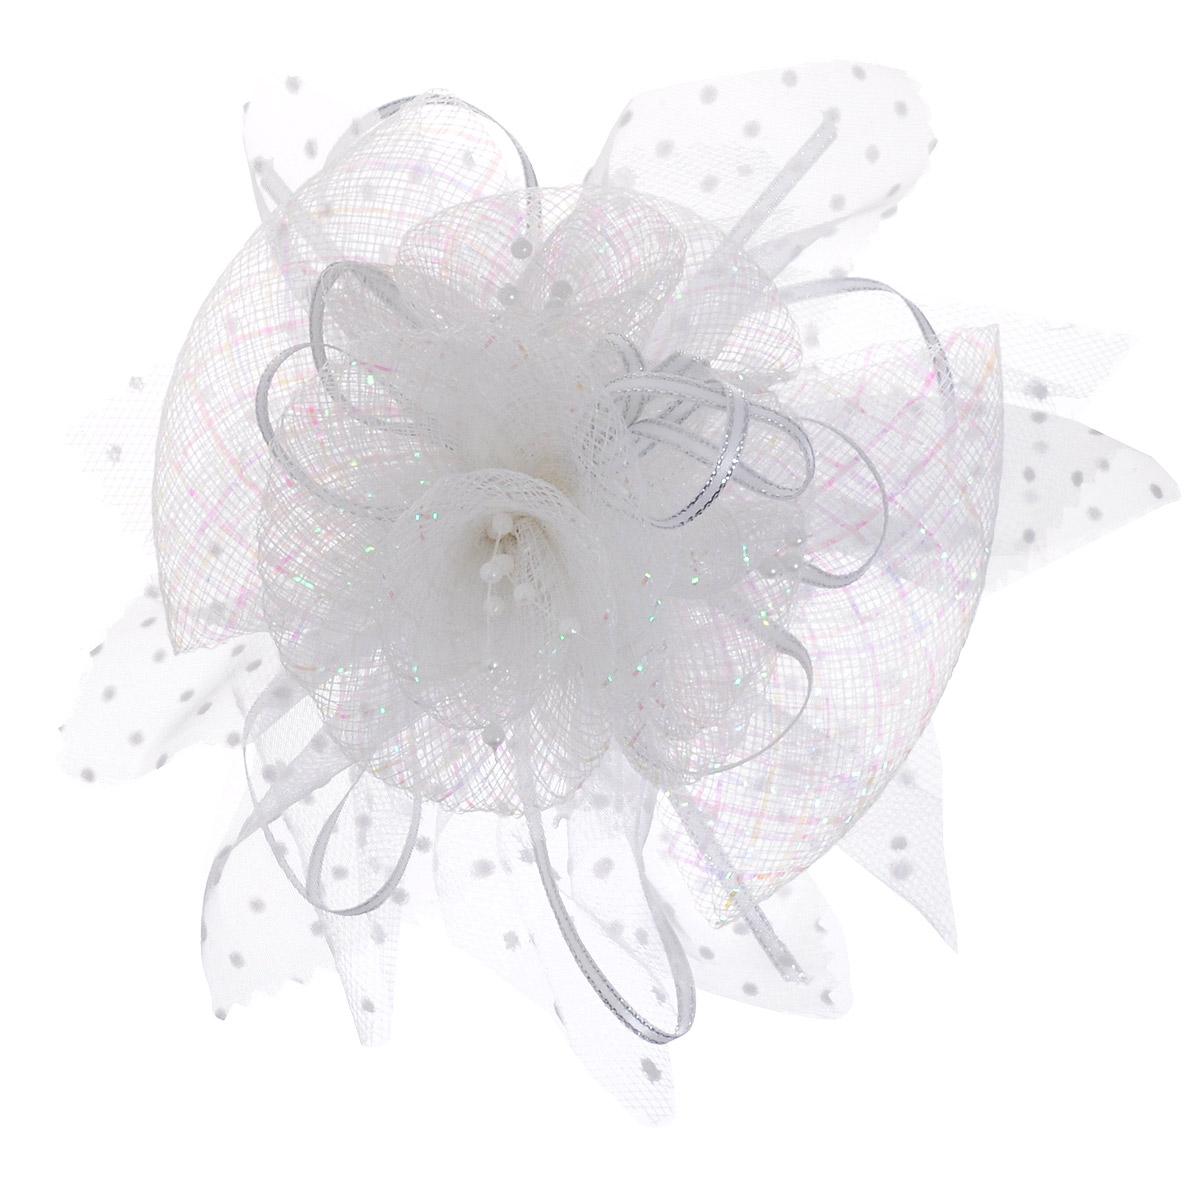 Babys Joy Зажим для волос цвет белый K 9K 9_белыйЗажим для волос Babys Joy выполнен из металла и декорирован большим бантом из органзы с лентой из люрекса. Зажим позволит убрать непослушные волосы со лба и придаст образу немного романтичности и очарования.